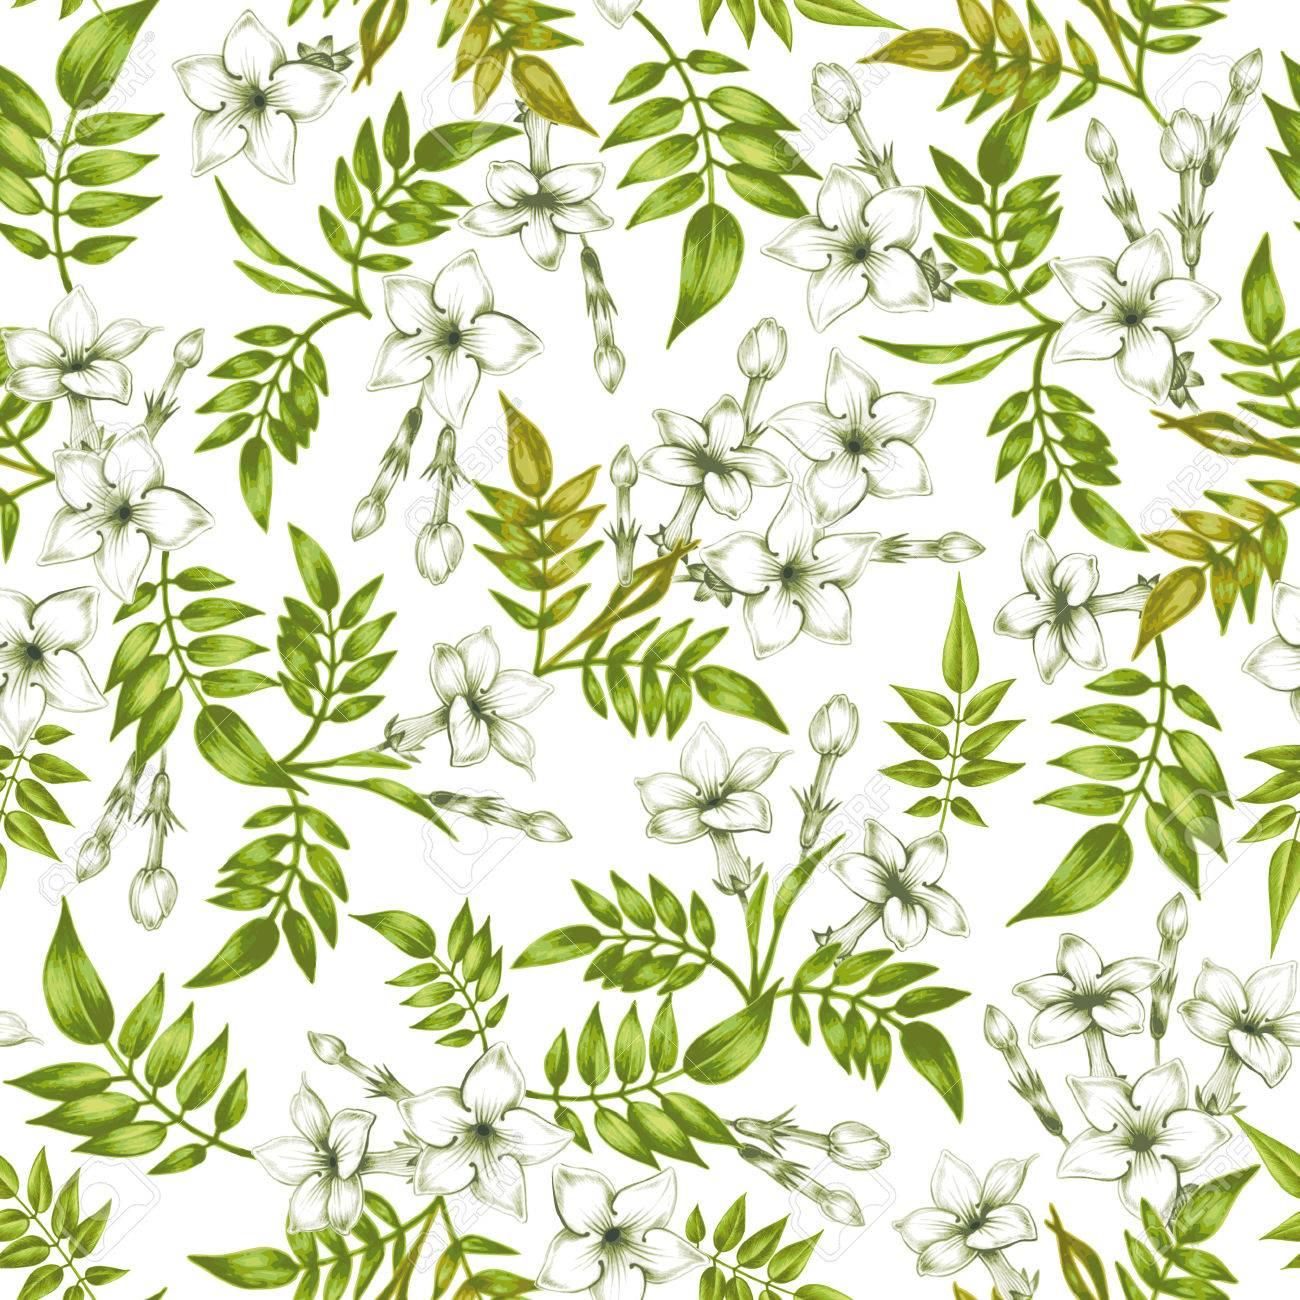 Vector seamless background jasmine flowerssign for fabrics vector seamless background jasmine flowerssign for fabrics textiles paper wallpaper mightylinksfo